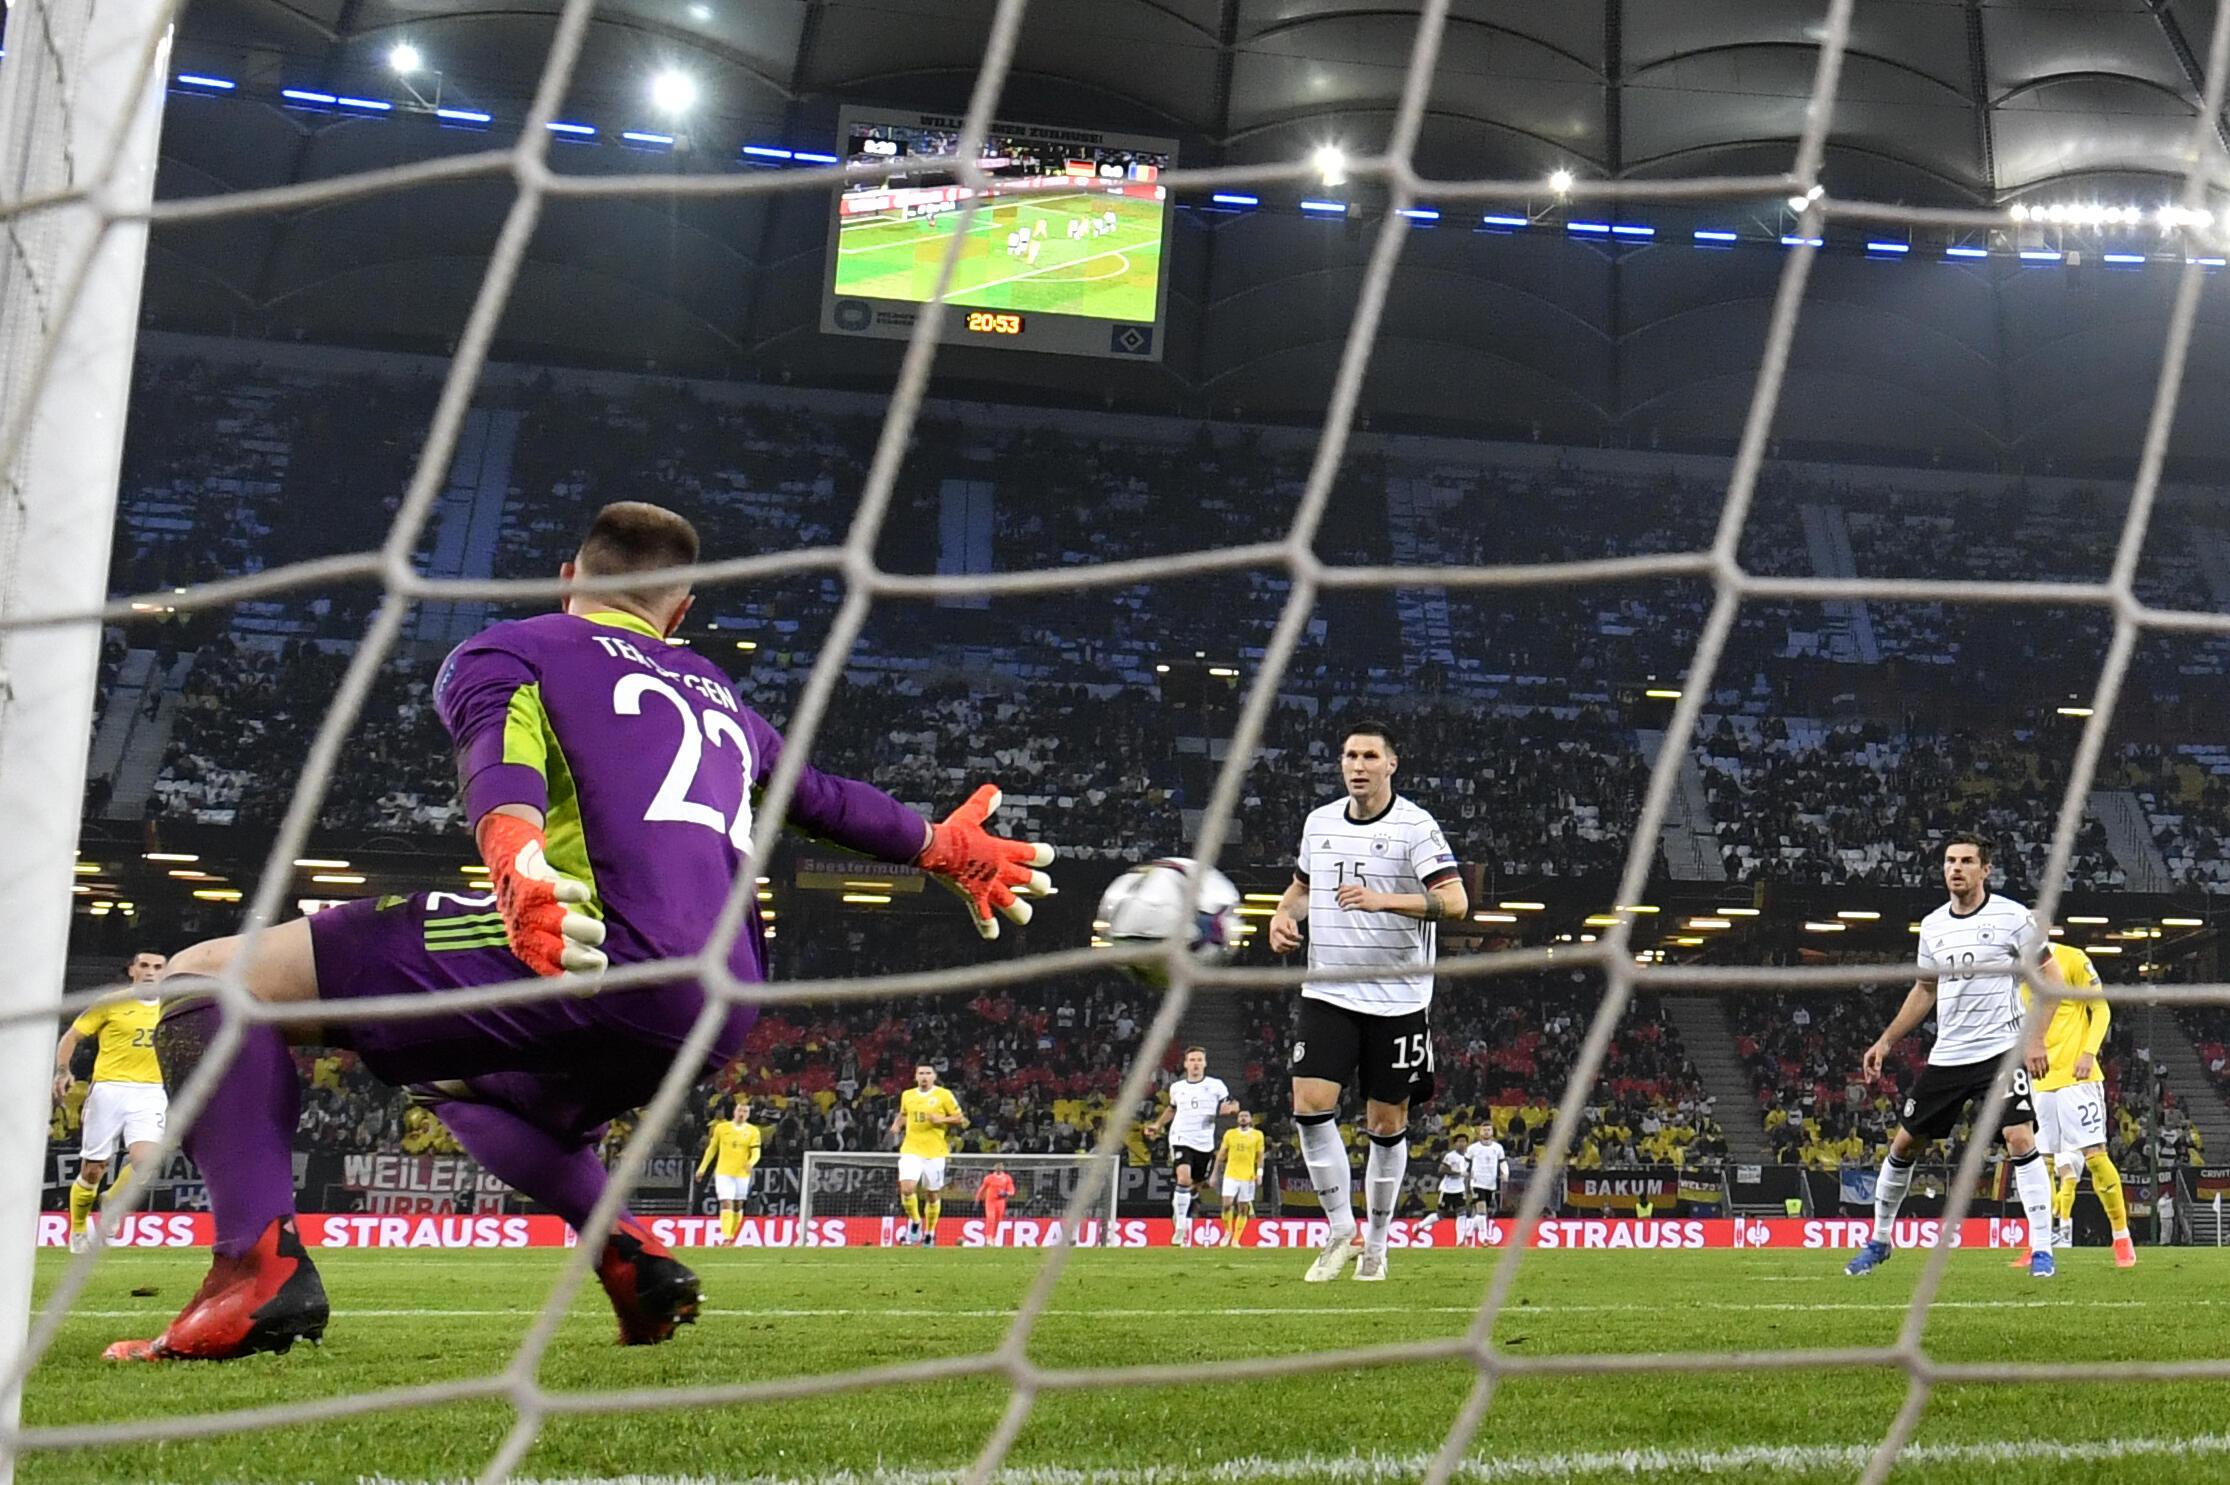 Deutschlands Torhüter Marc-Andre der Stegen kassiert Rumäniens erstes Gegentor bei der Qualifikation für die WM 2022 in Hamburg am 8. Oktober 2021 (Zone Europe).